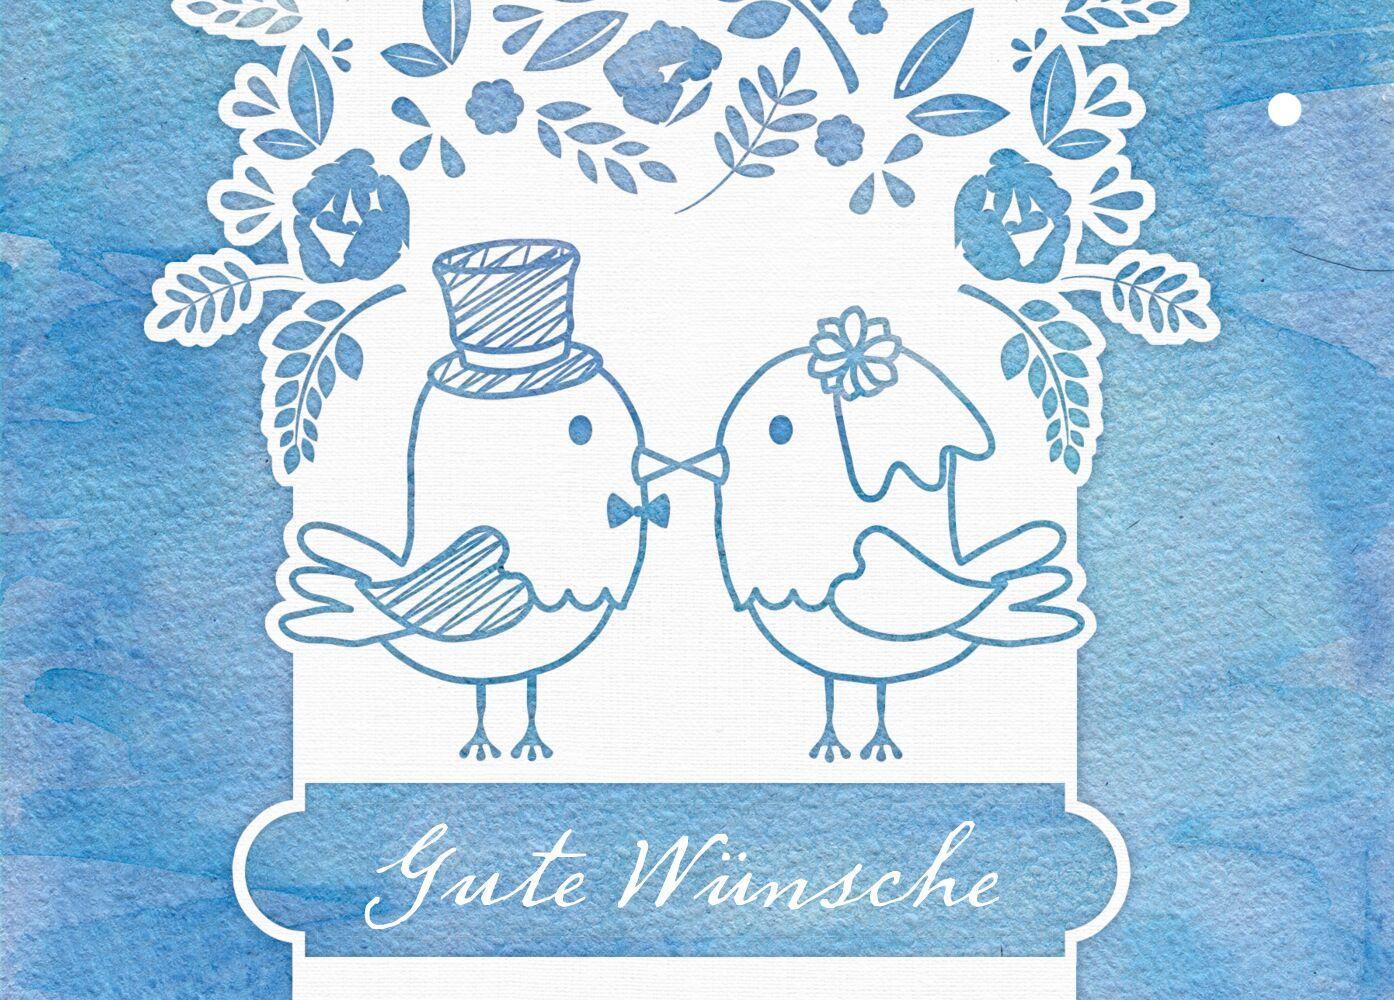 Ansicht 2 - Ballonkarte Vogelpaar